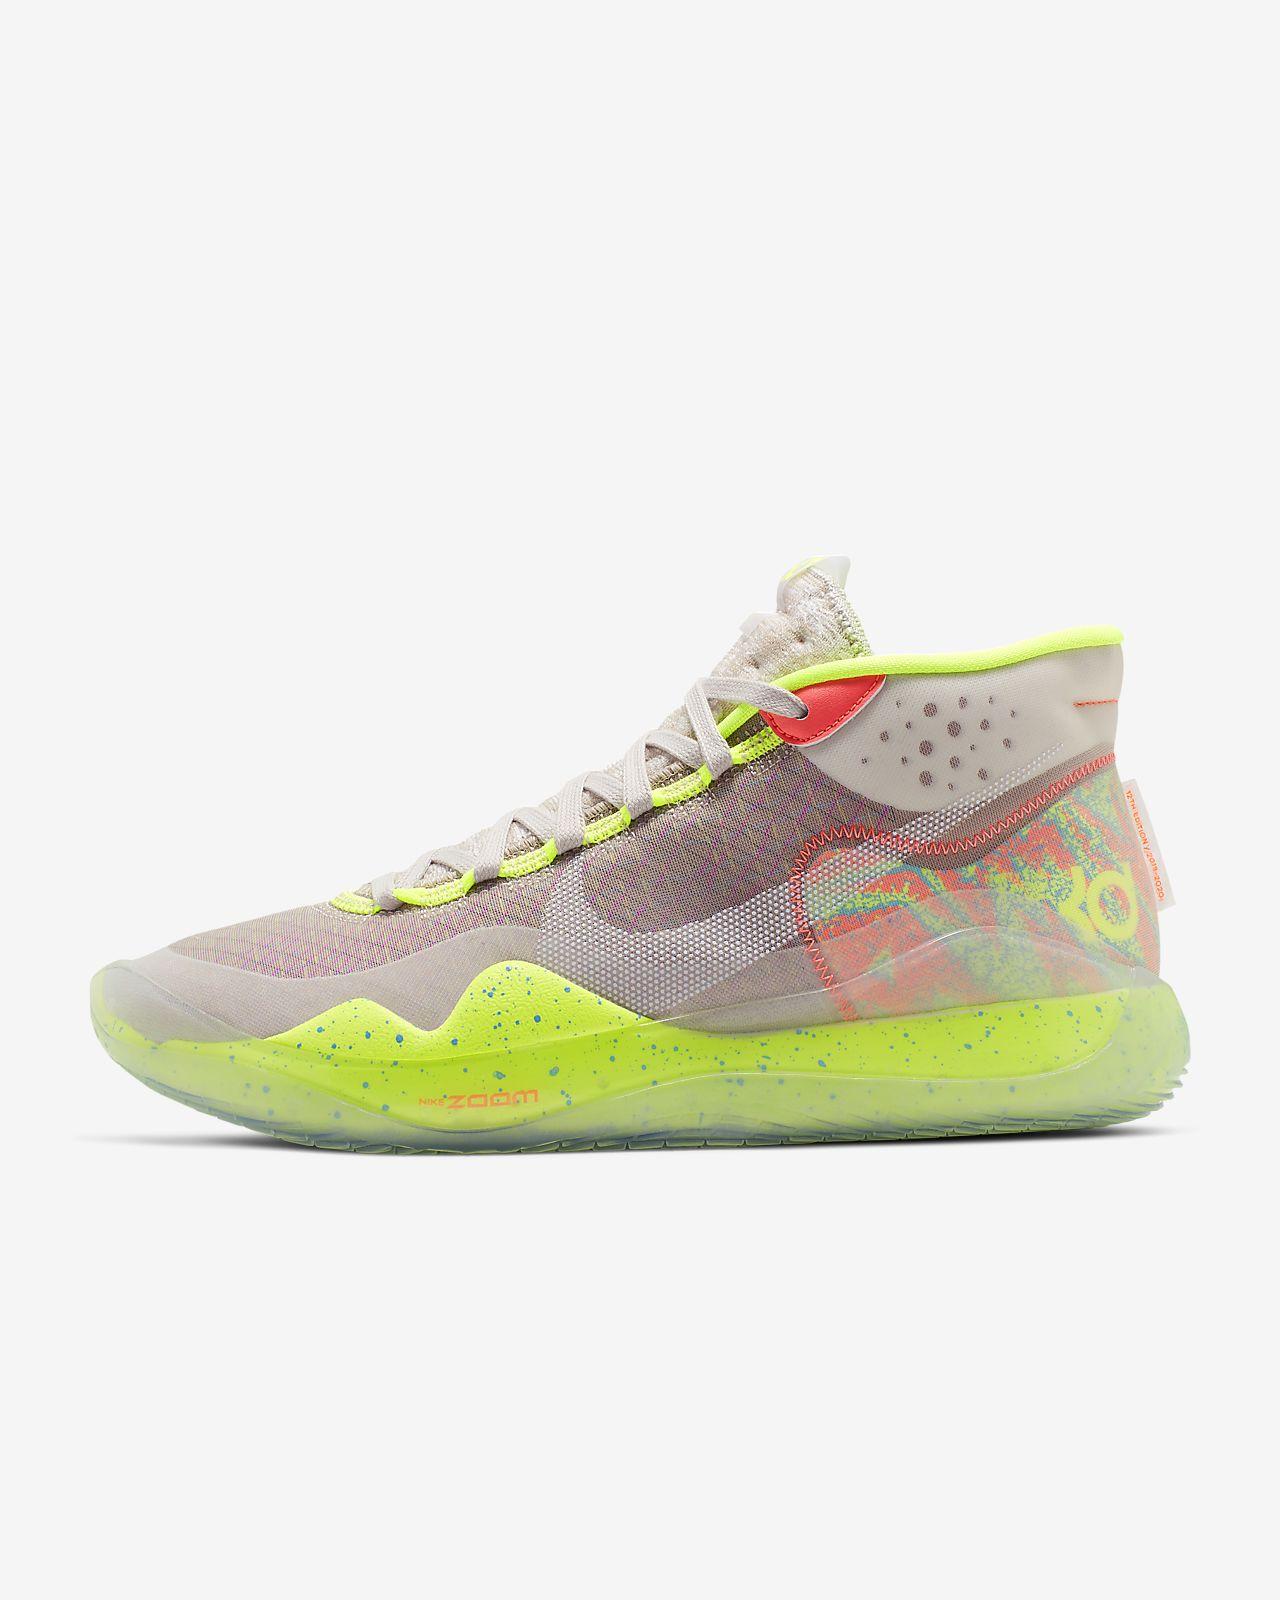 De Basketball Zoom F1kjcl C3l4qrjs5a Chaussure Nike Kd12ca txdQrChs